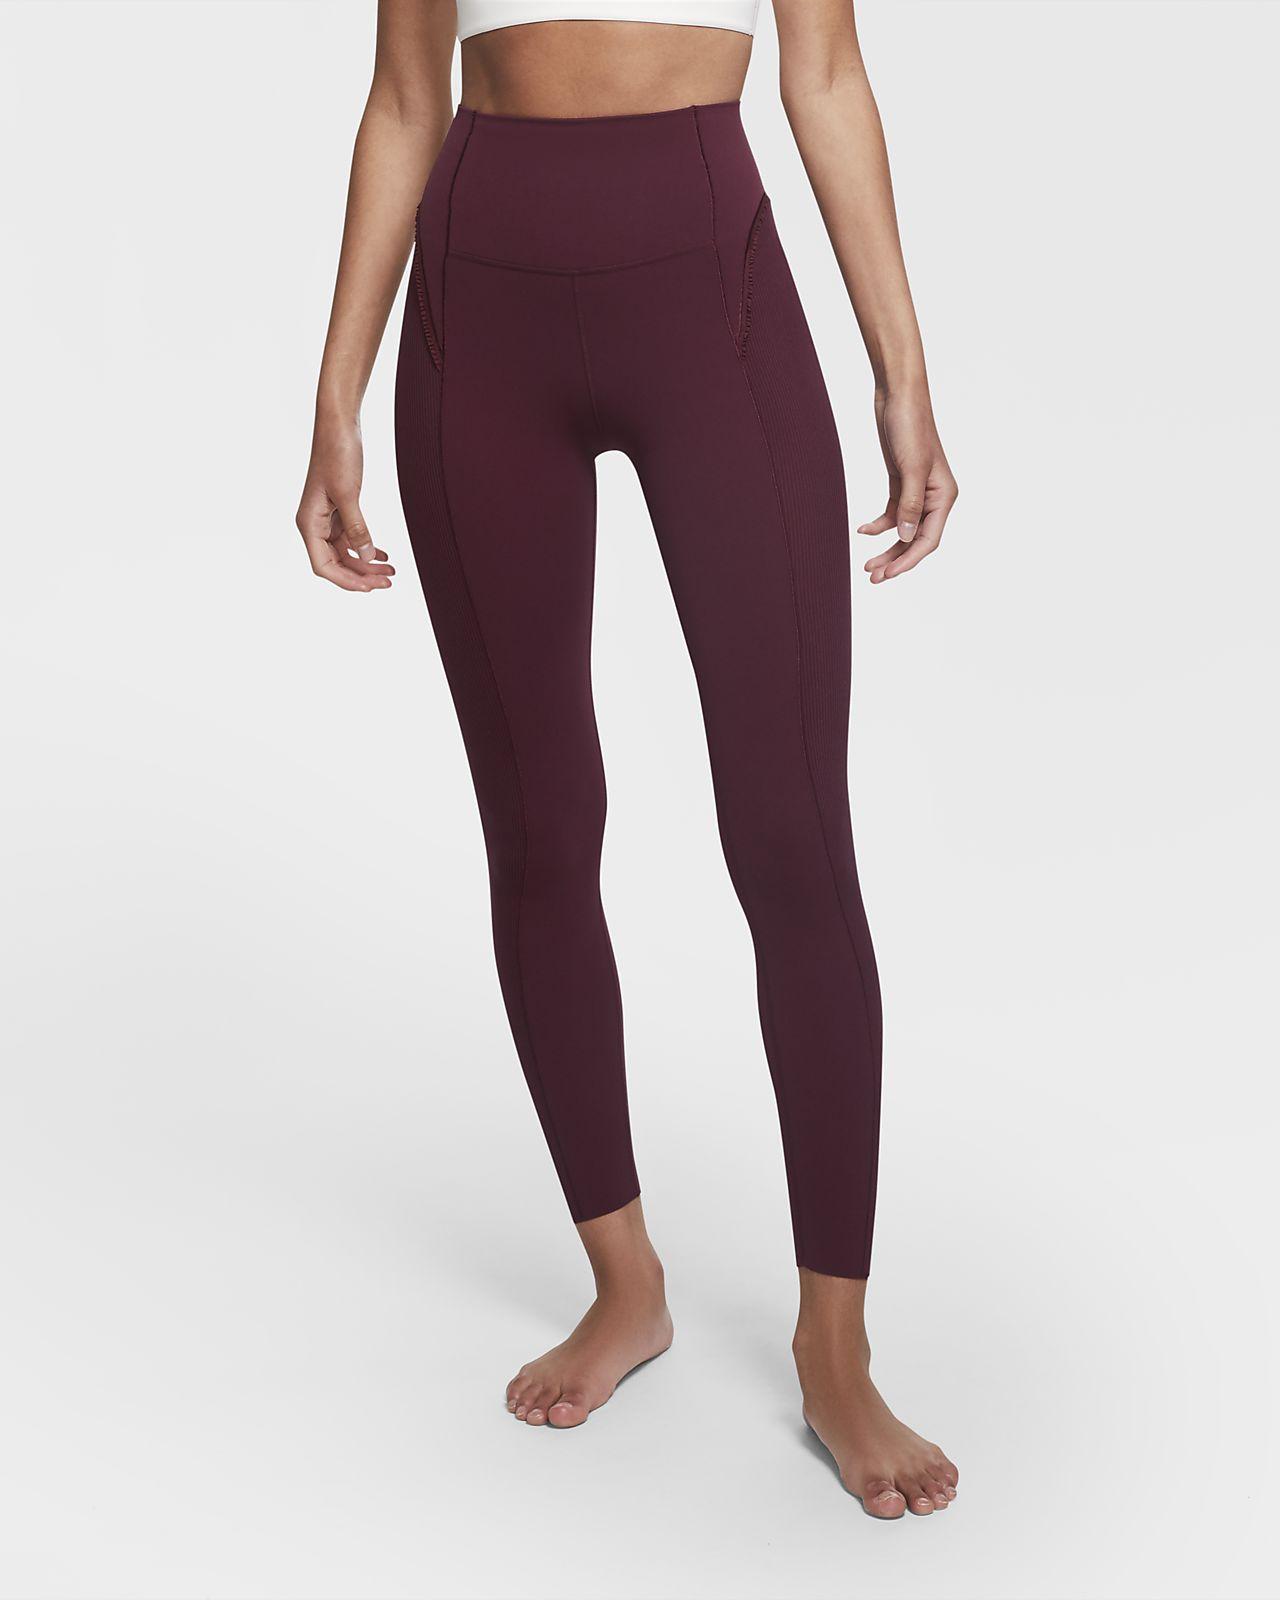 Legging 7/8 Infinalon à volants Nike Yoga Luxe pour Femme